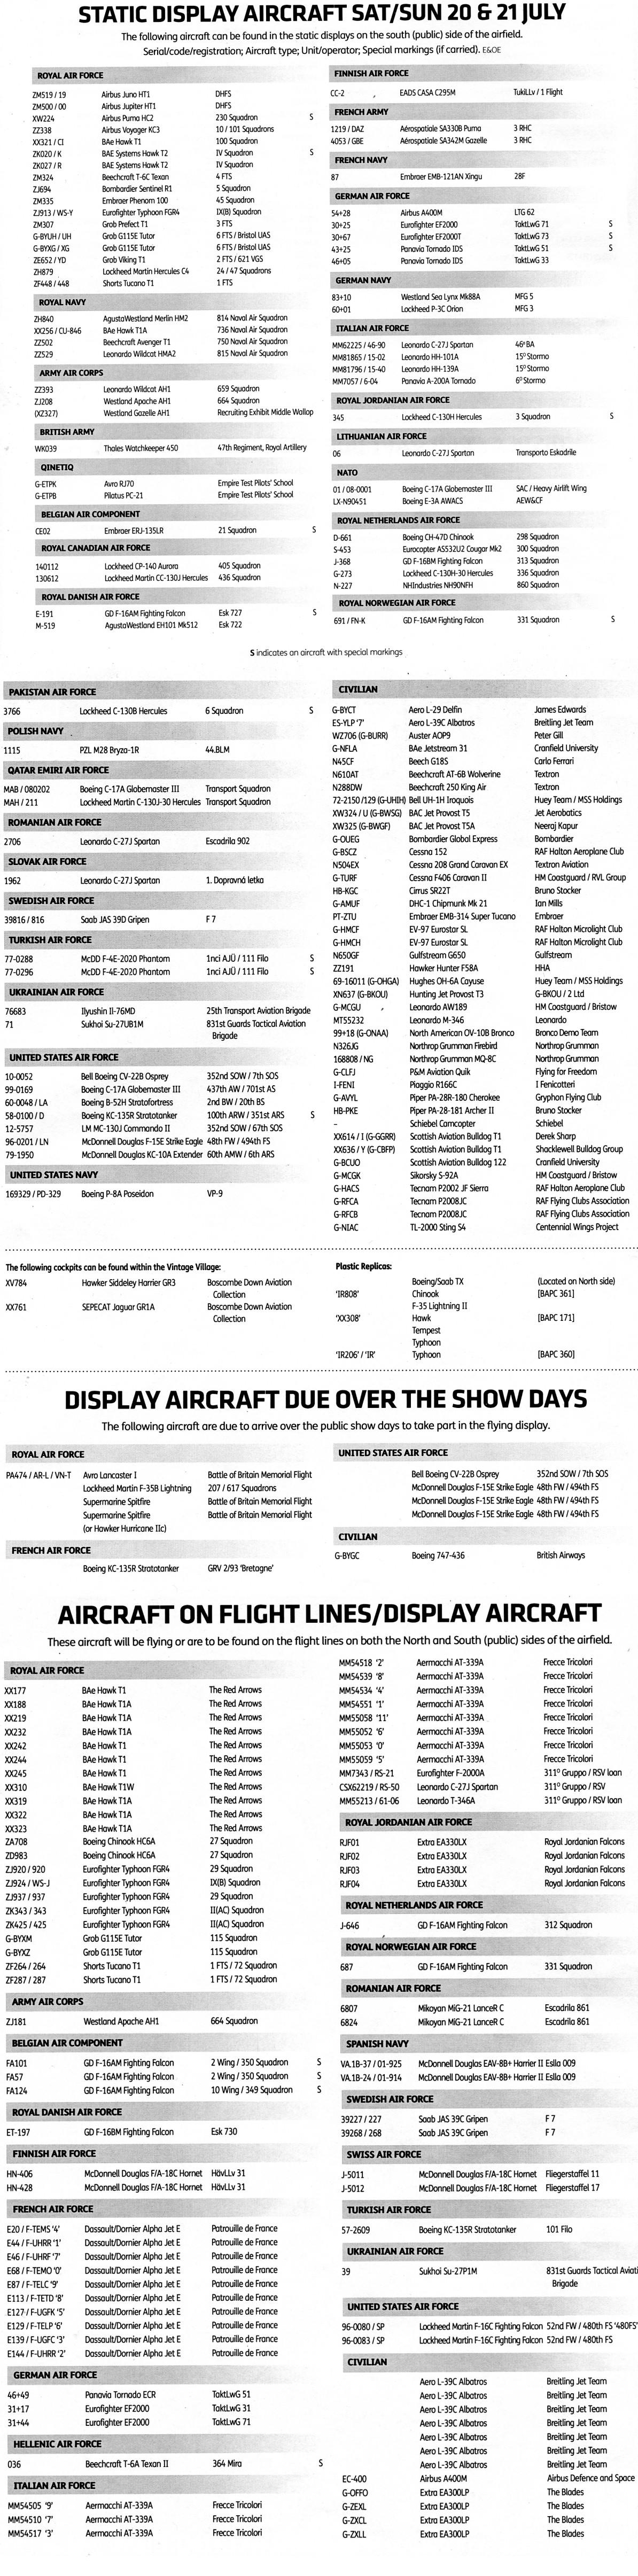 RIAT 2019 Schedule, Dates, Theme - Fairford Airshow Air